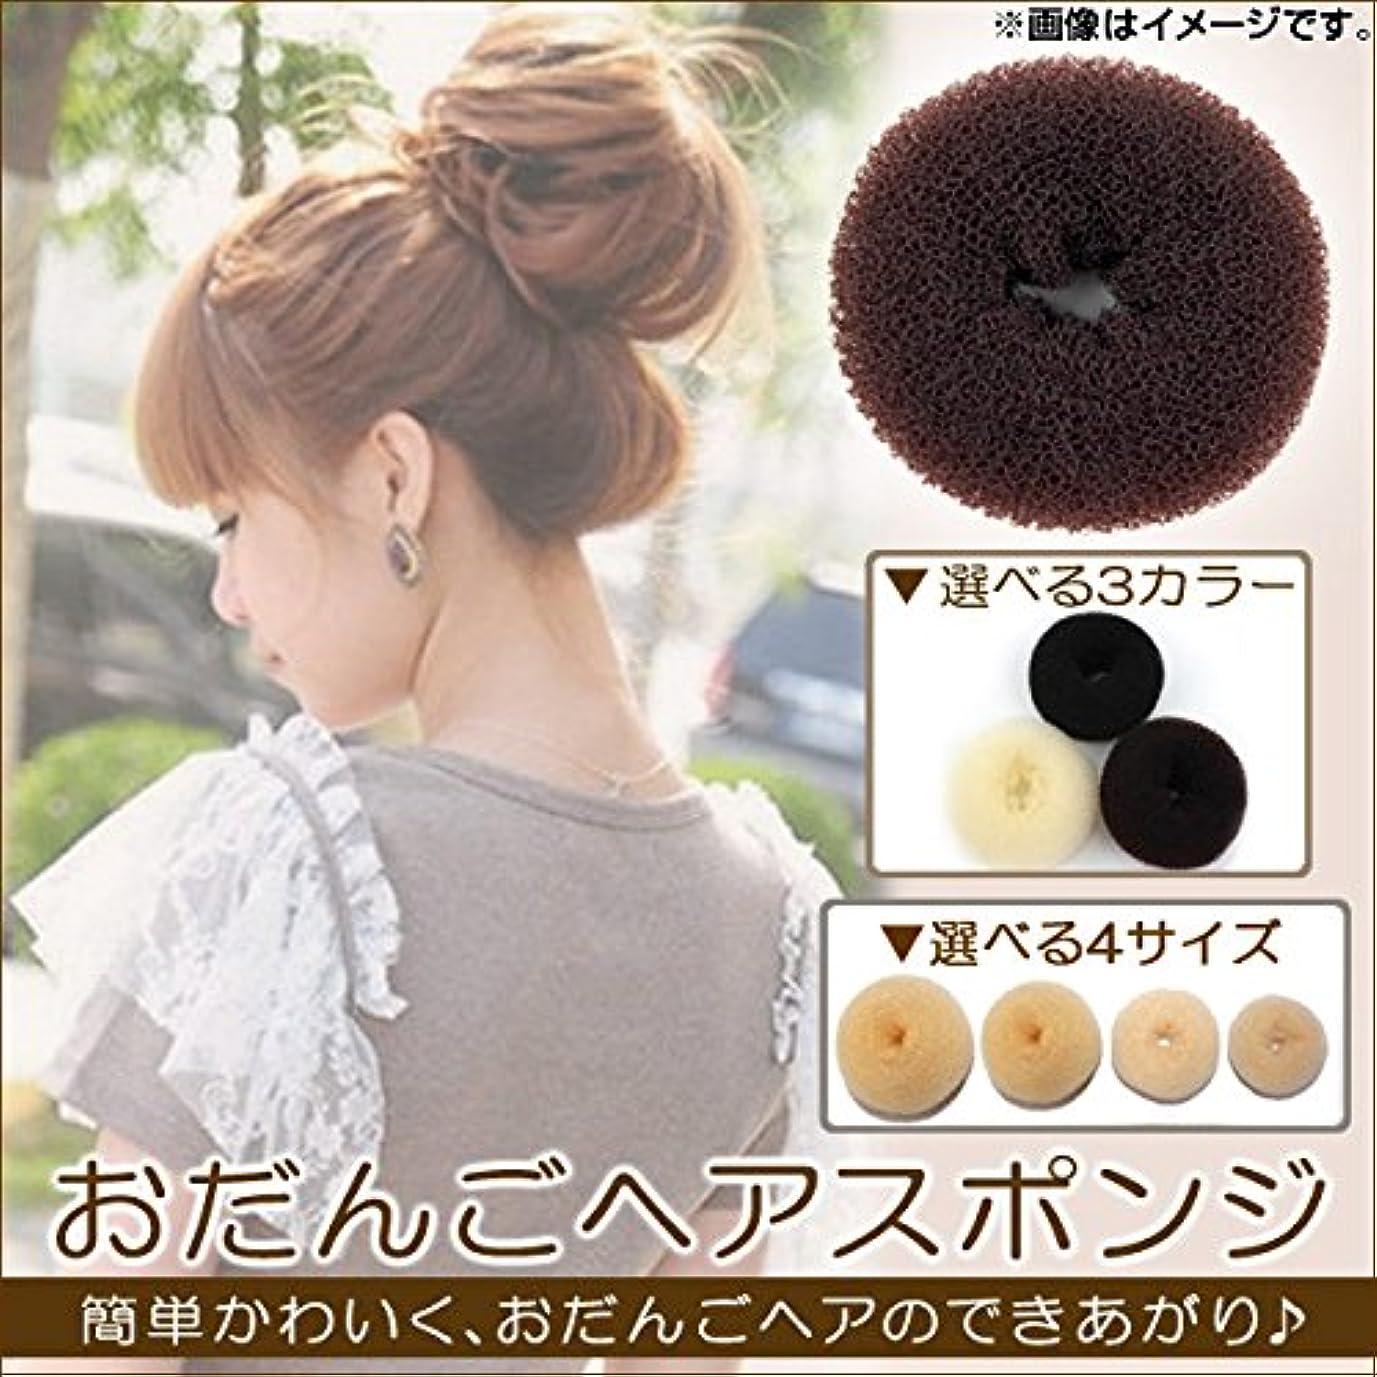 リング儀式帽子AP おだんごヘアスポンジ 簡単?きれいにヘアアレンジ? ブラック M AP-TH196-BK-M